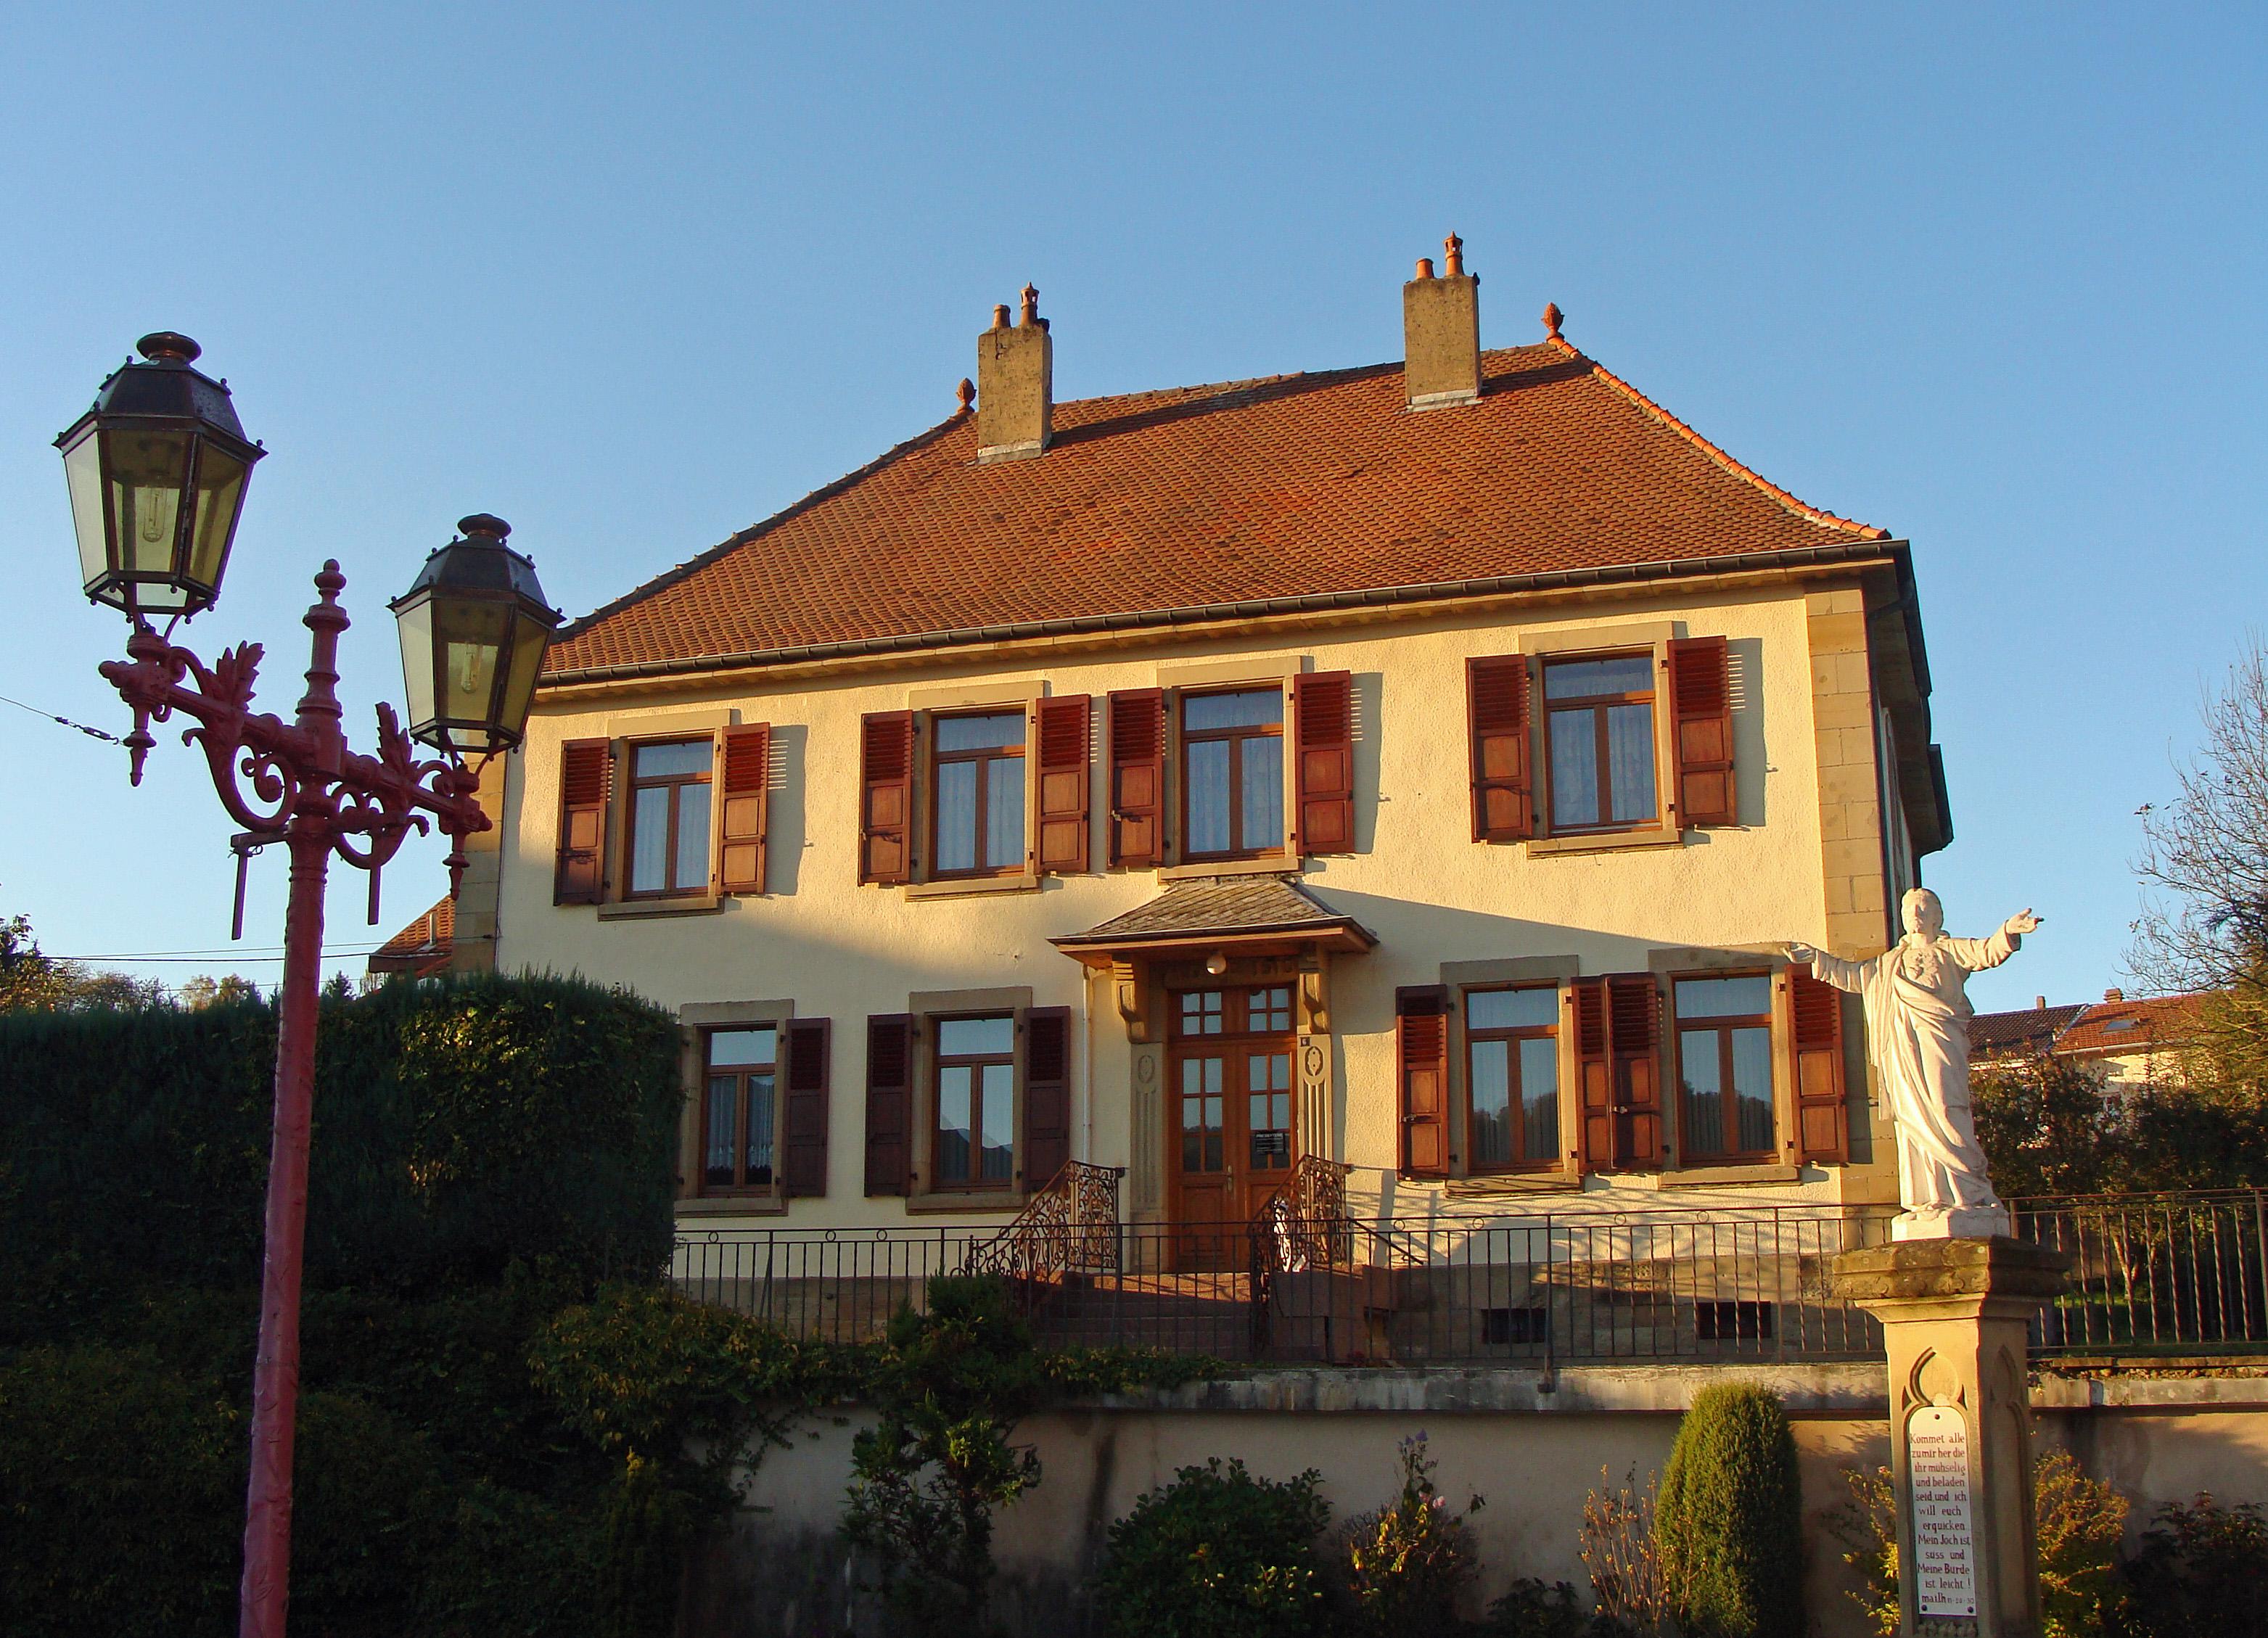 fichier:presbytère catholique de longeville-lès-saint-avold